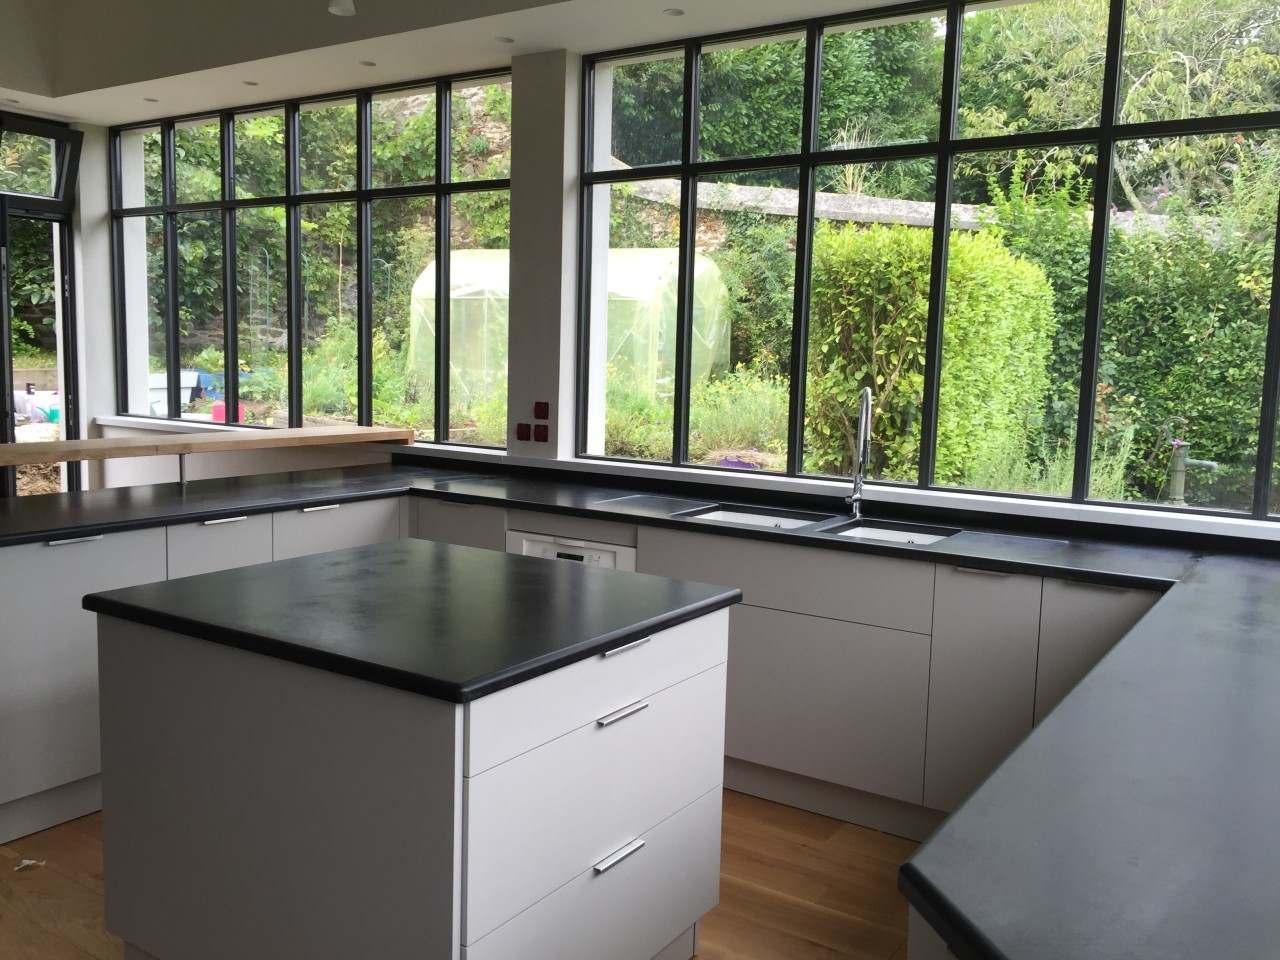 mlg menuisier agenceur le conquet brest plougonvelin plouzan st renan mlg cuisines sur mesure. Black Bedroom Furniture Sets. Home Design Ideas